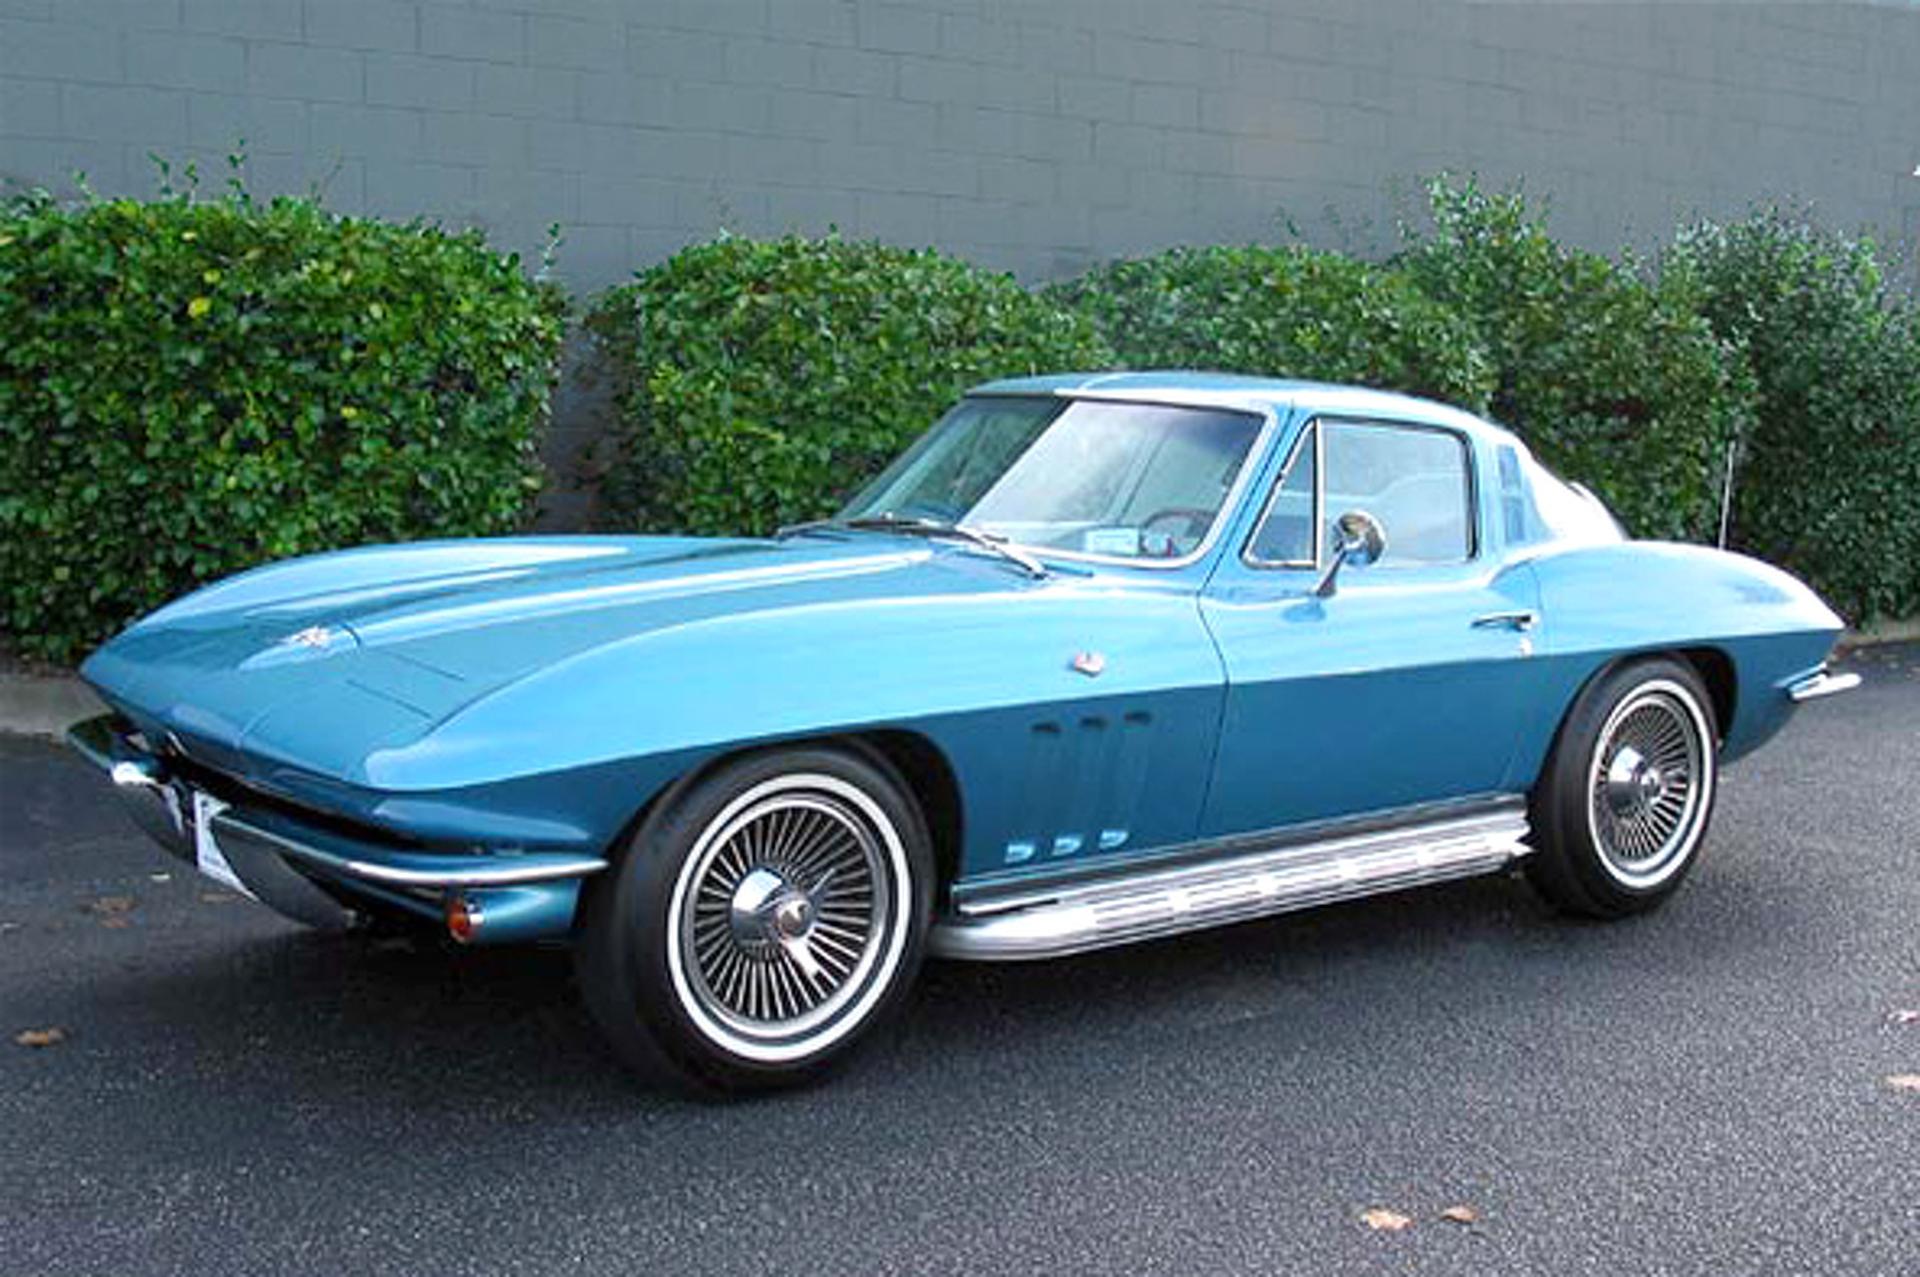 Kelebihan Corvette 65 Tangguh